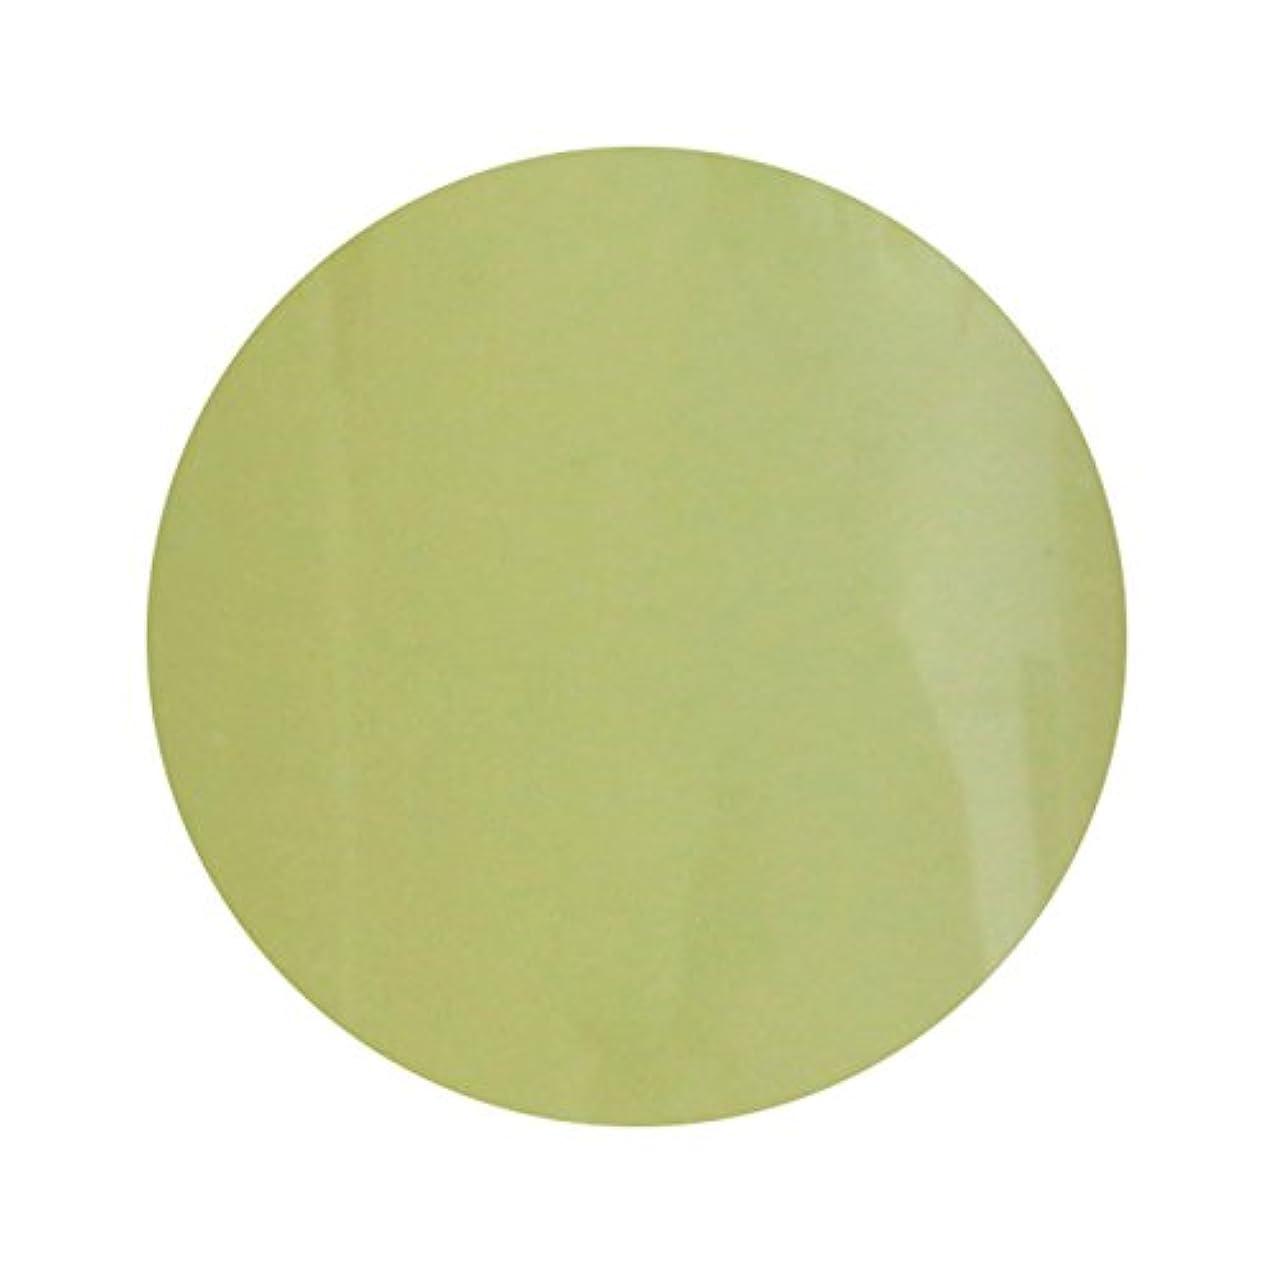 設置社員嘆願T-GEL COLLECTION ティージェル カラージェル D211 スモーキーレモン 4ml